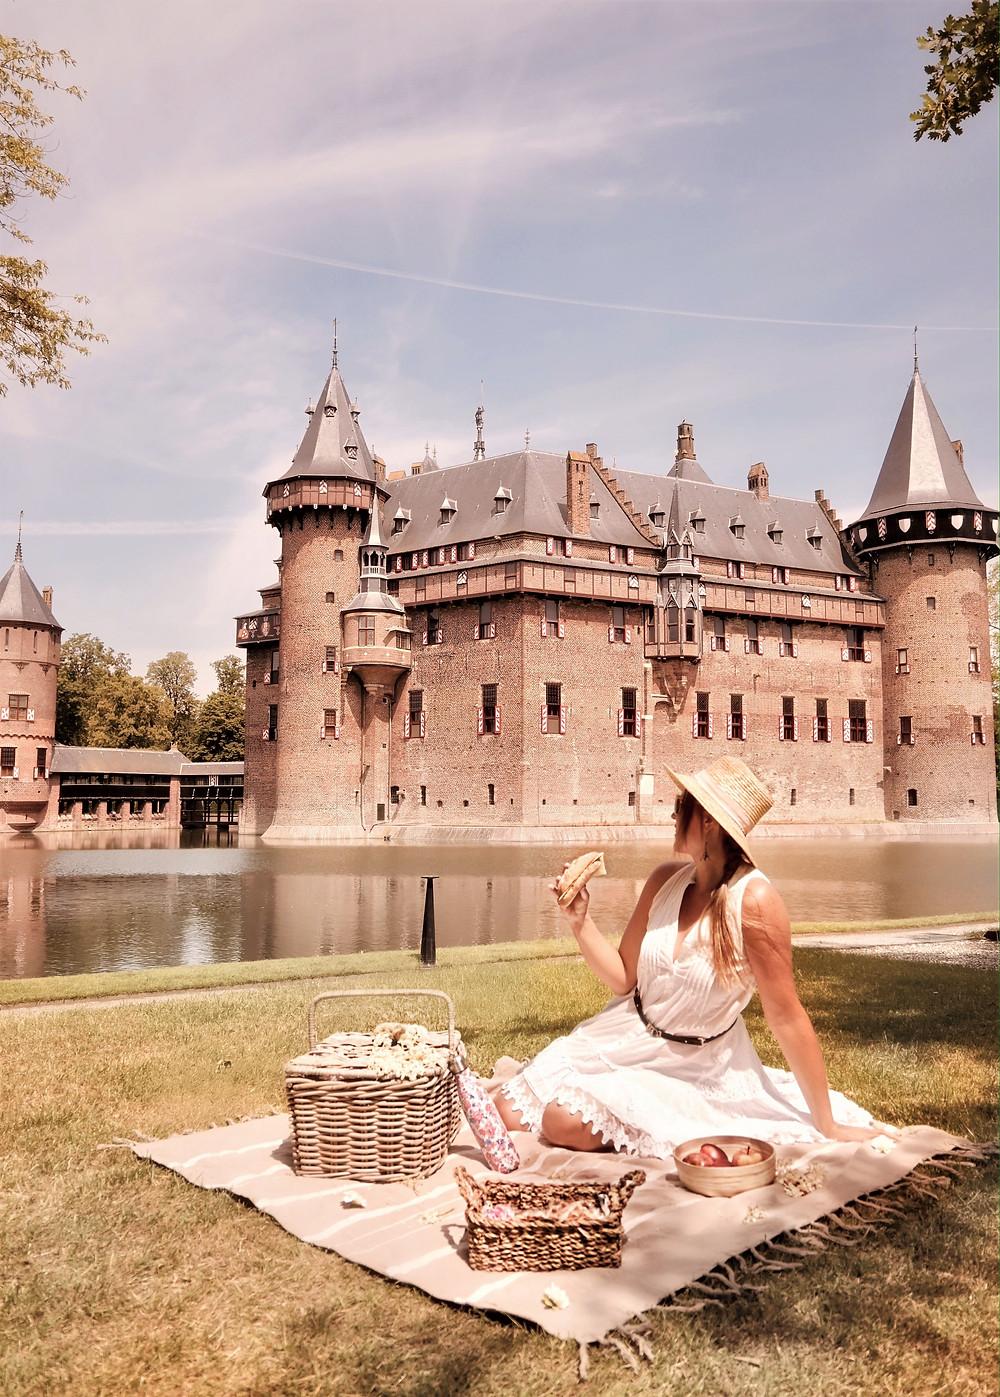 De Haar Castle Utrecht - the Netherlands